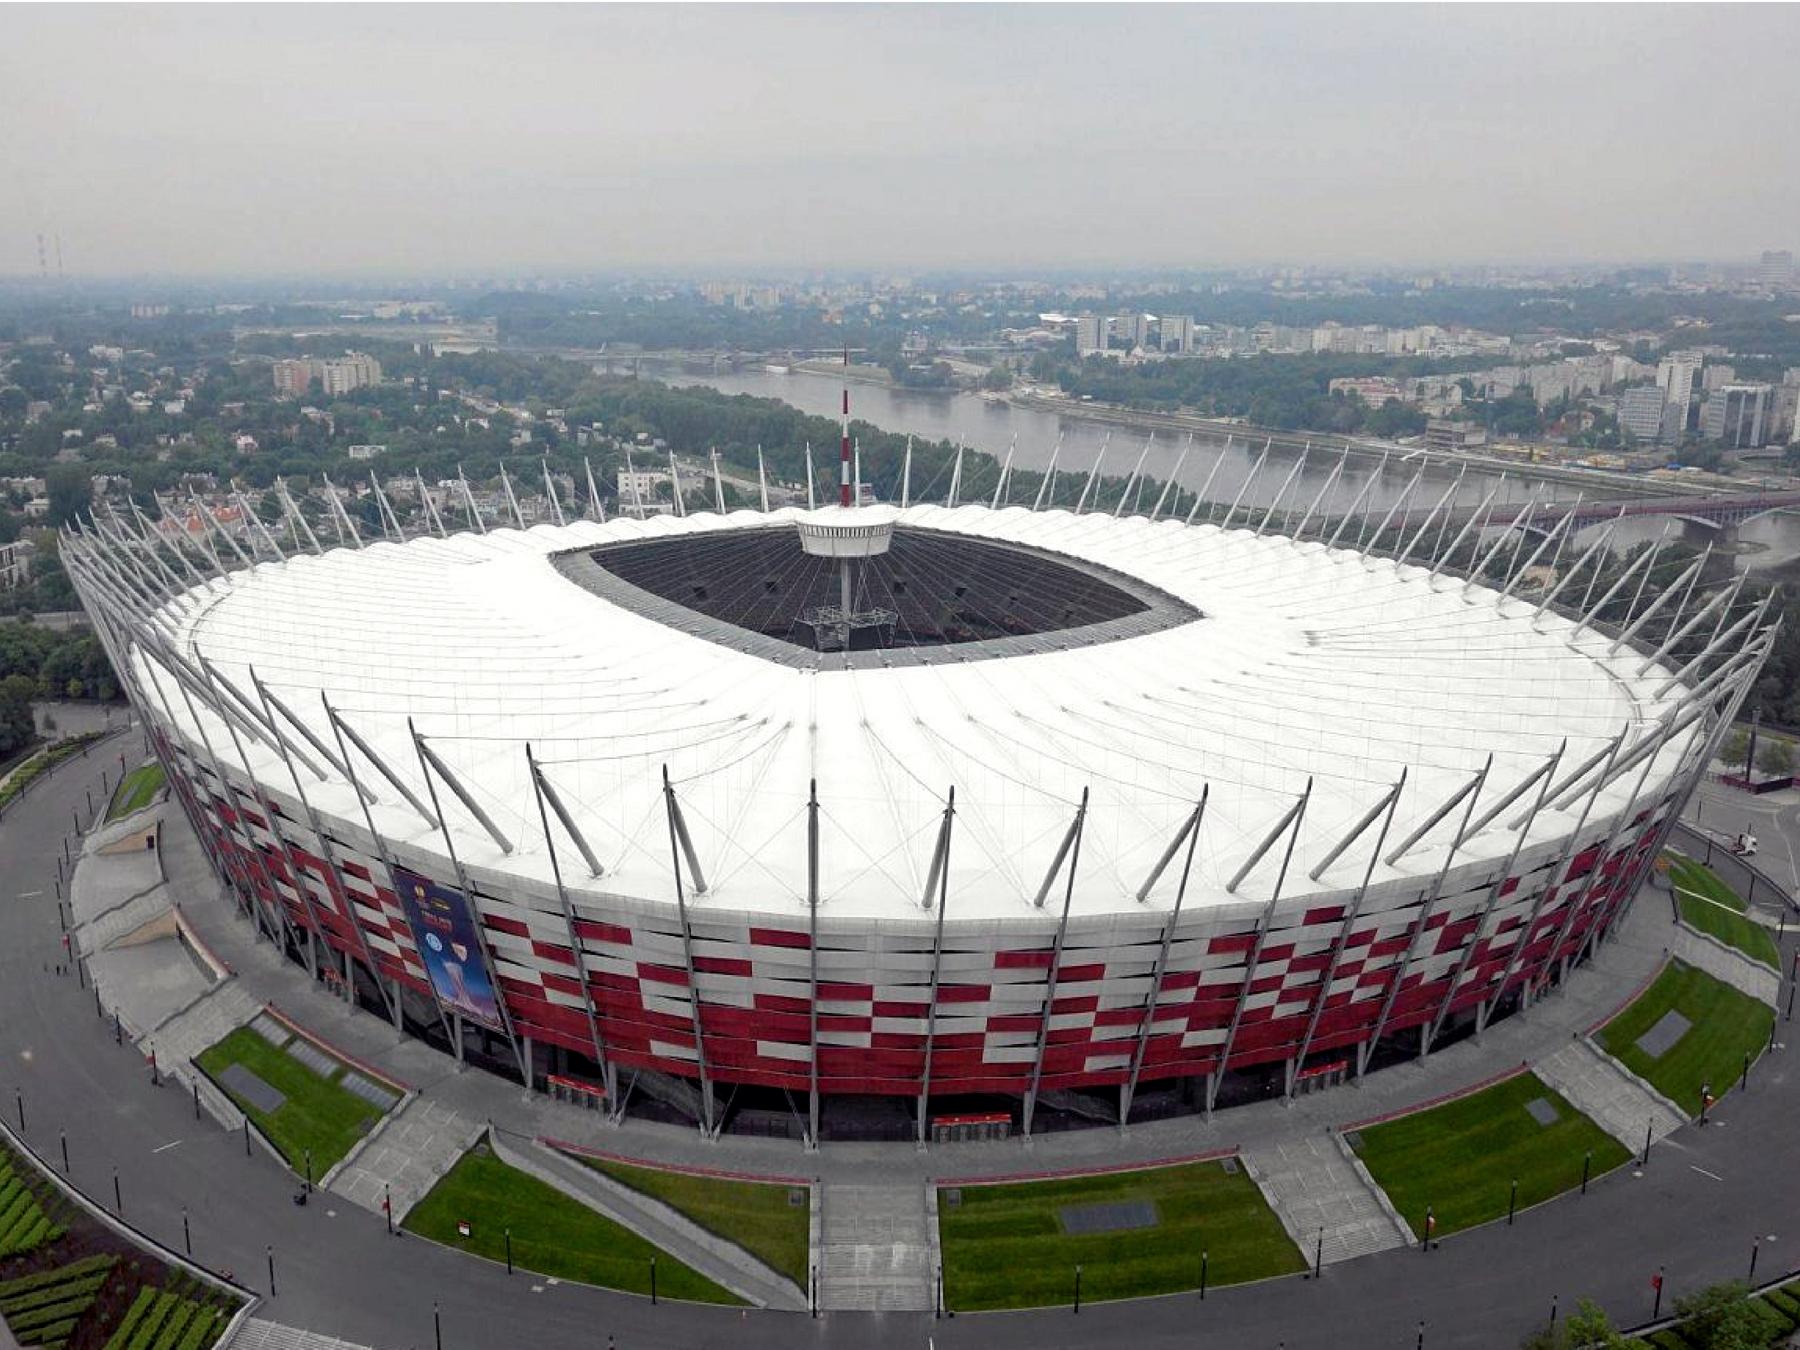 estádios-mais-legais-do-mundo-Calendário-da-copa-polonia Os 20 estádios mais legais do mundo Calendário Copa 2018